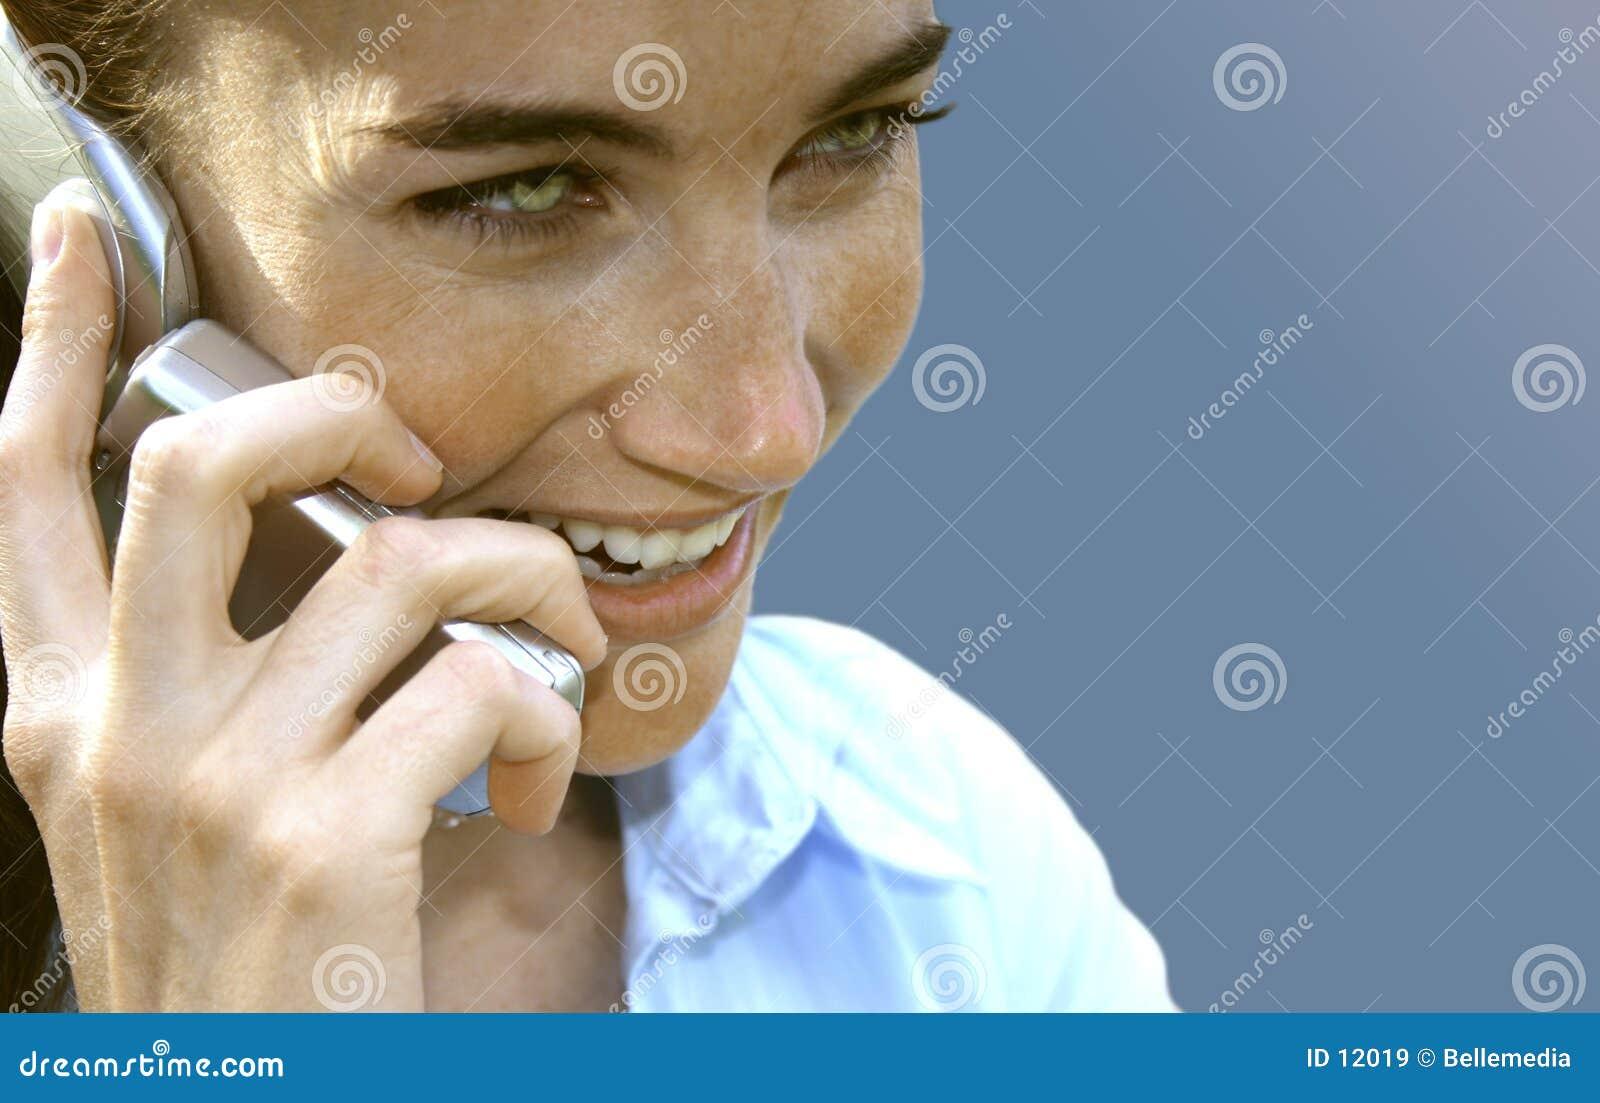 Identificación de llamante